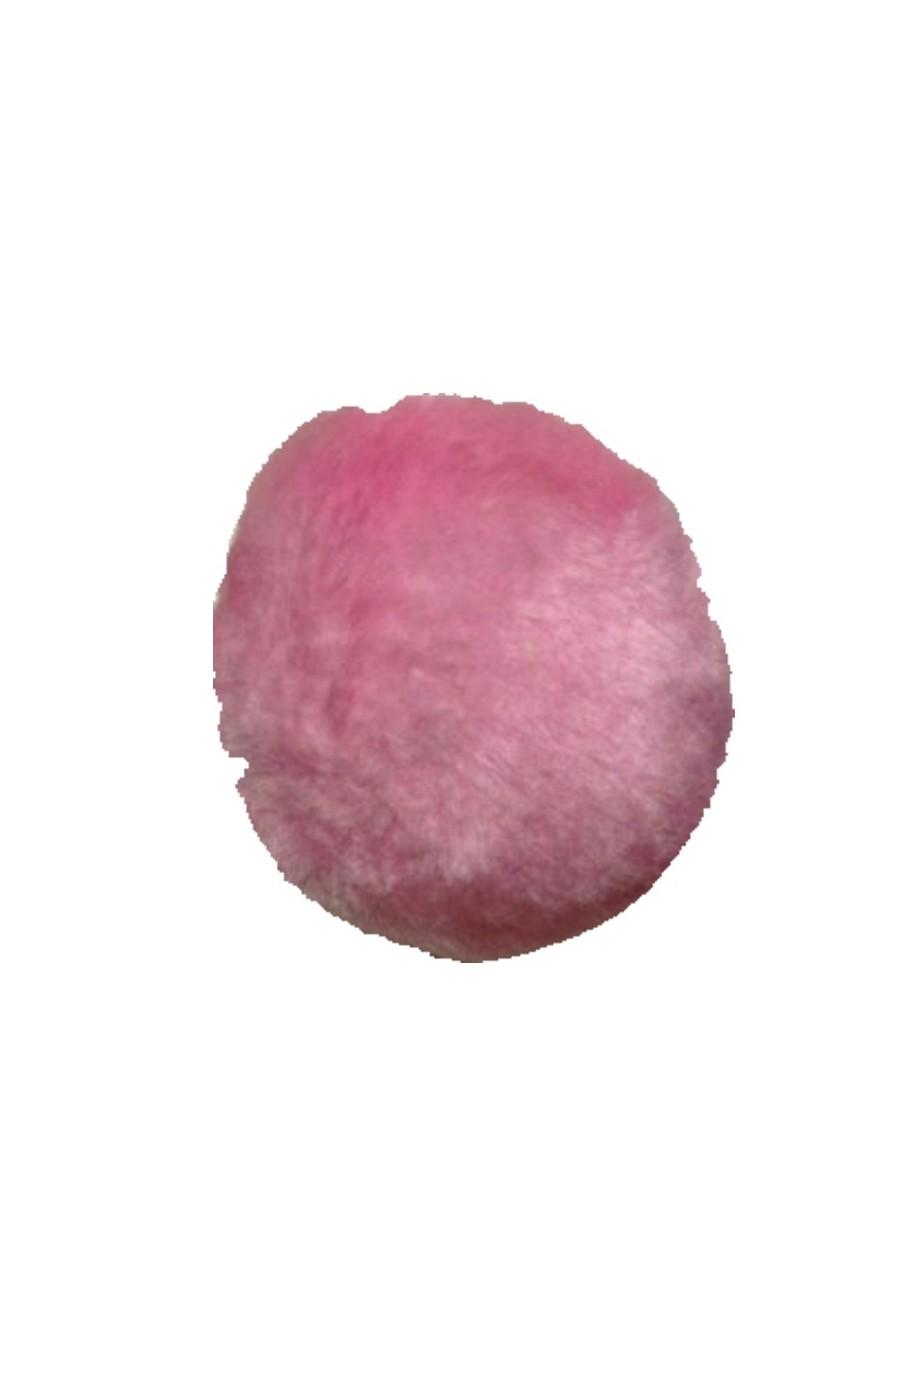 Coda coniglio rosa